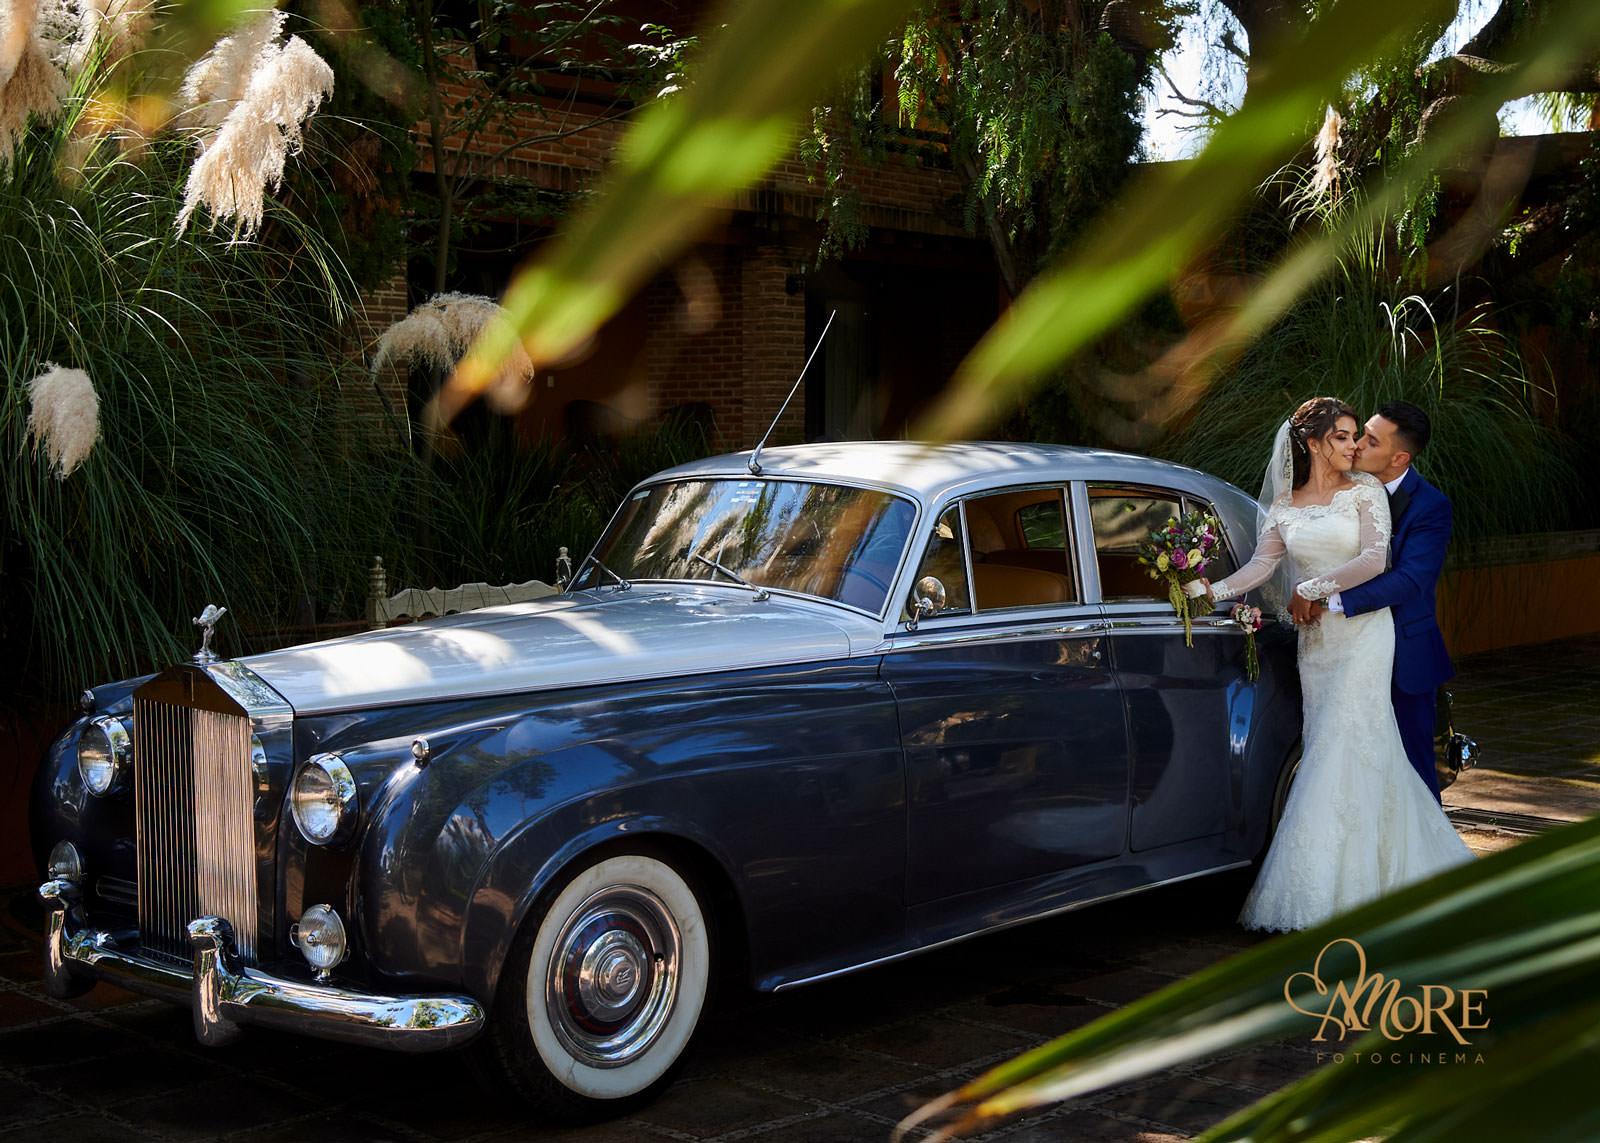 El mejor fotografo de bodas en Tepatitlan